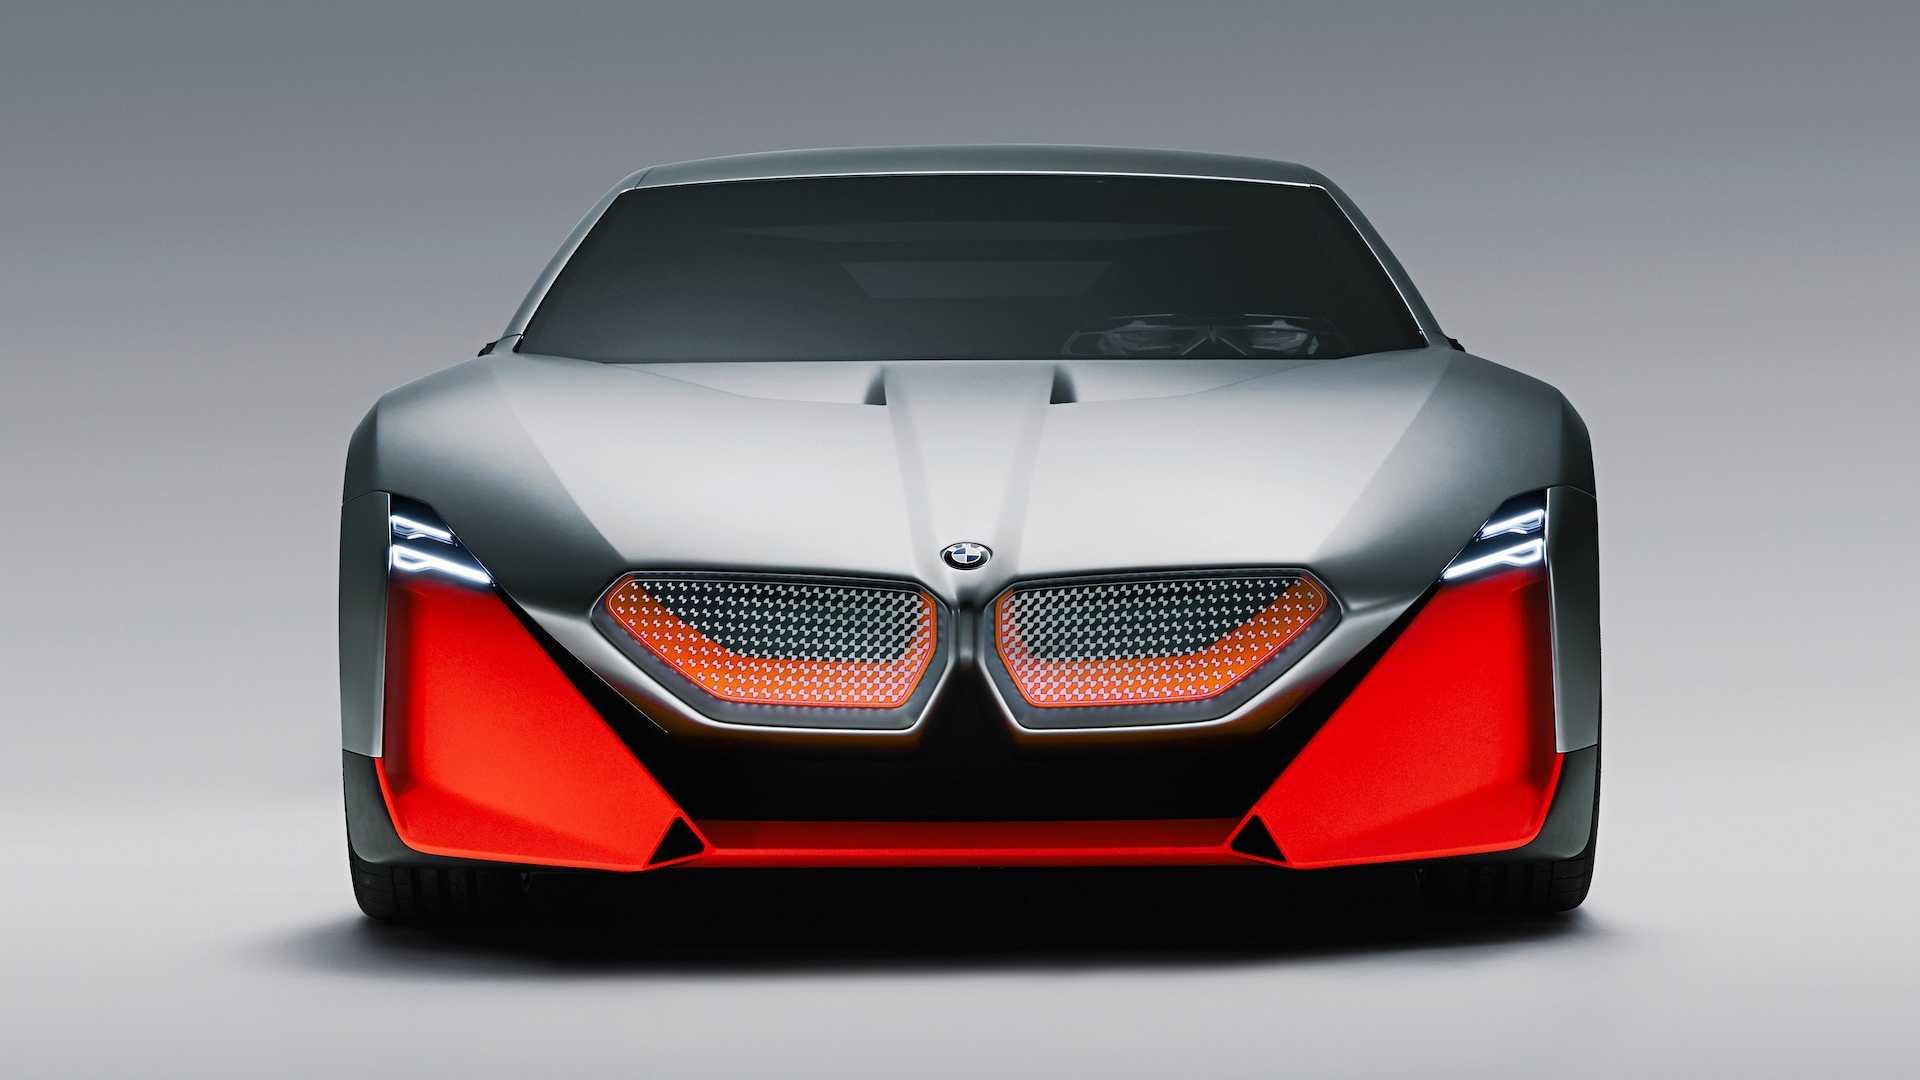 宝马五系Vision M Next概念车公布 界定将来超级跑车